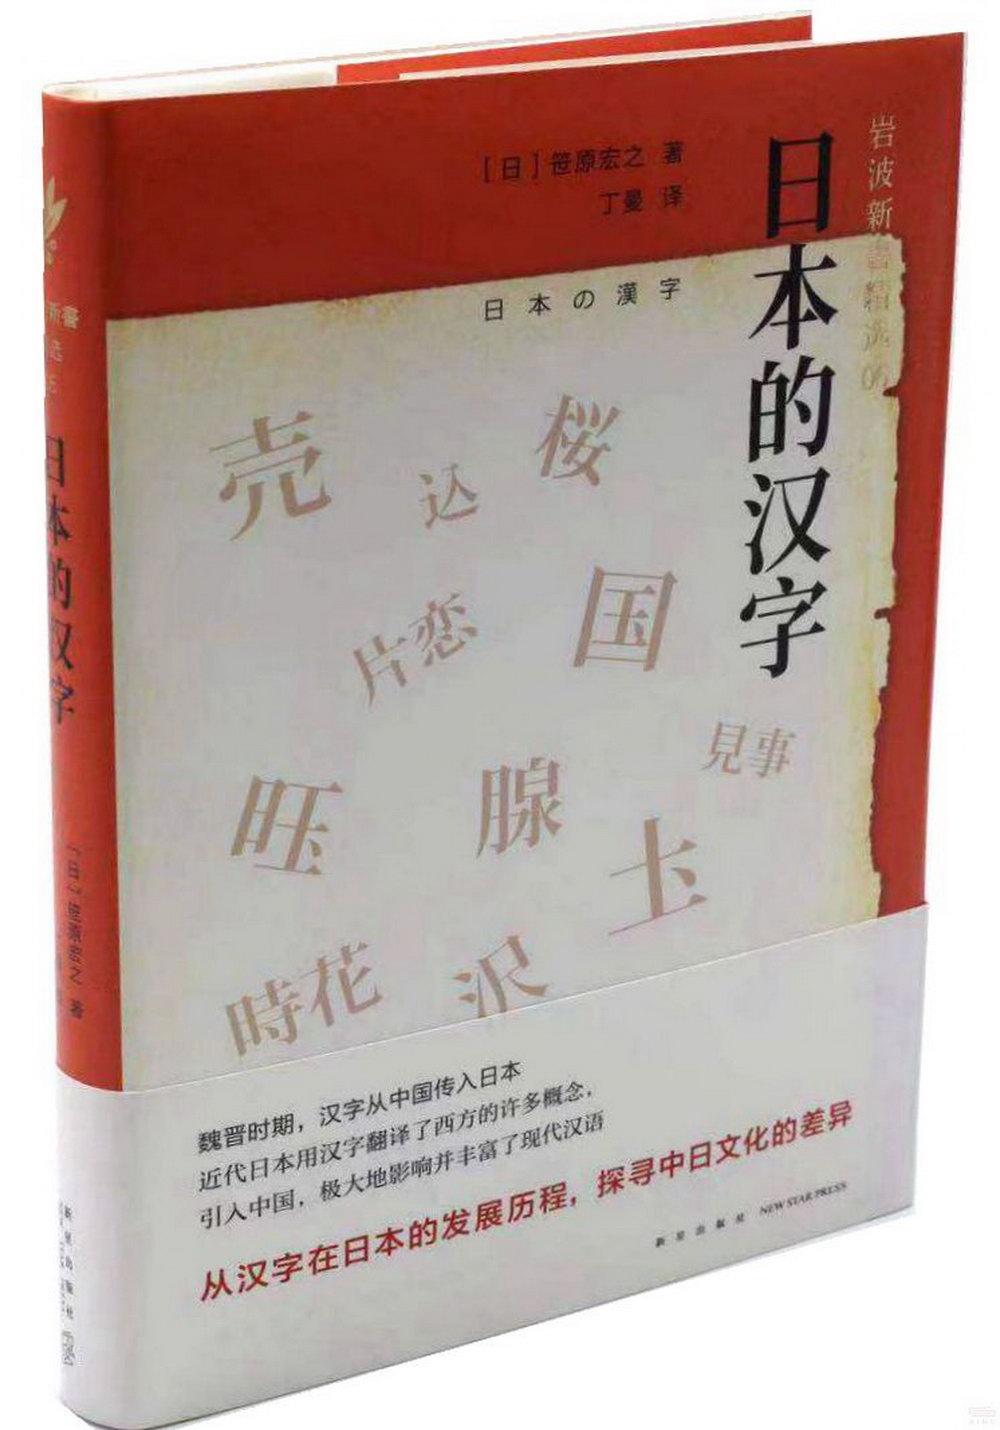 日本的漢字